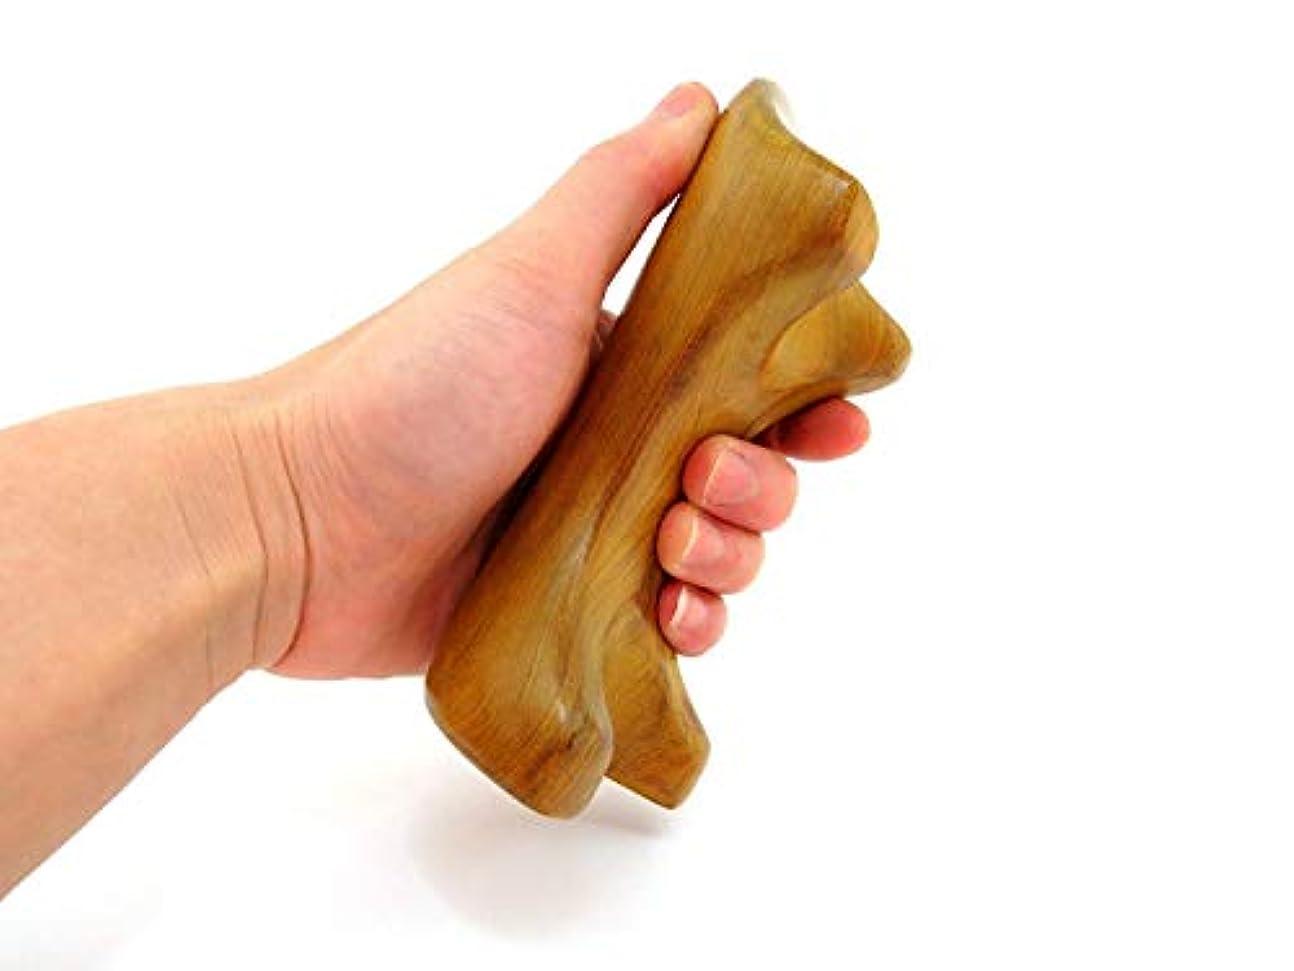 罰パフヒステリックツボ 刺激 押し 握り かっさ プレート マッサージ棒 マッサージ台 天然木製 イヌ形